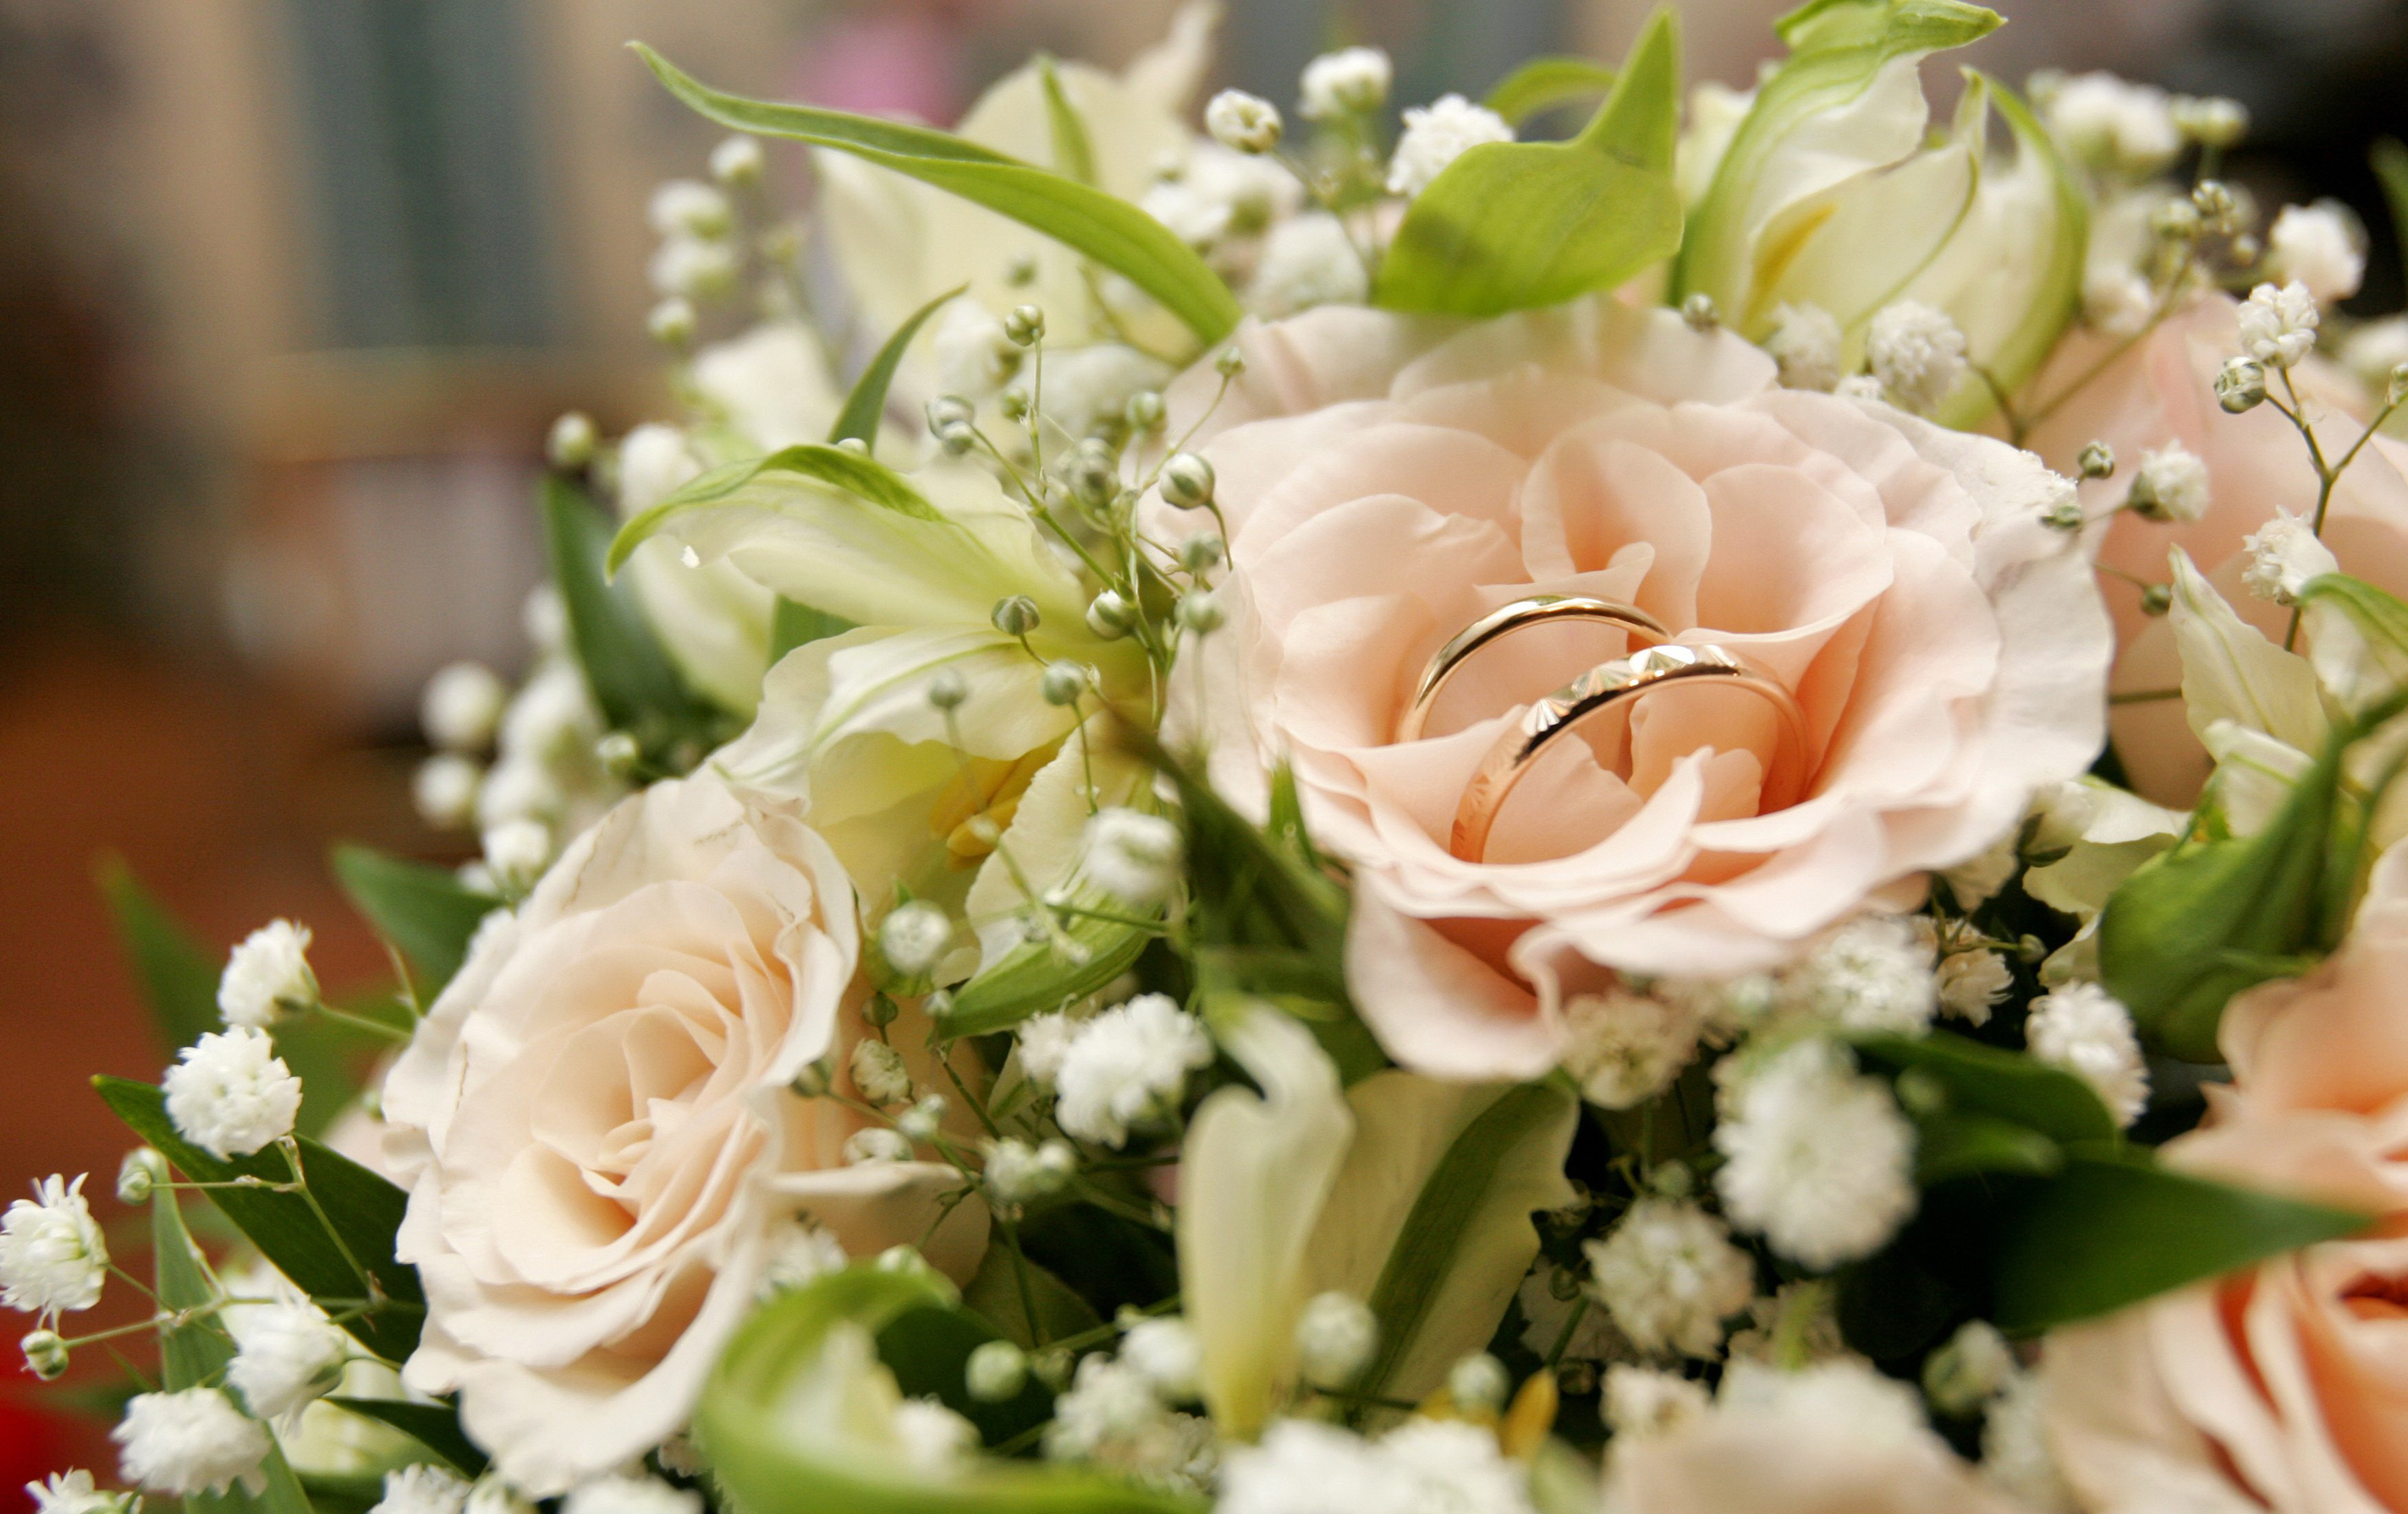 нежно-кремовые свадебные розы  № 1322977 бесплатно